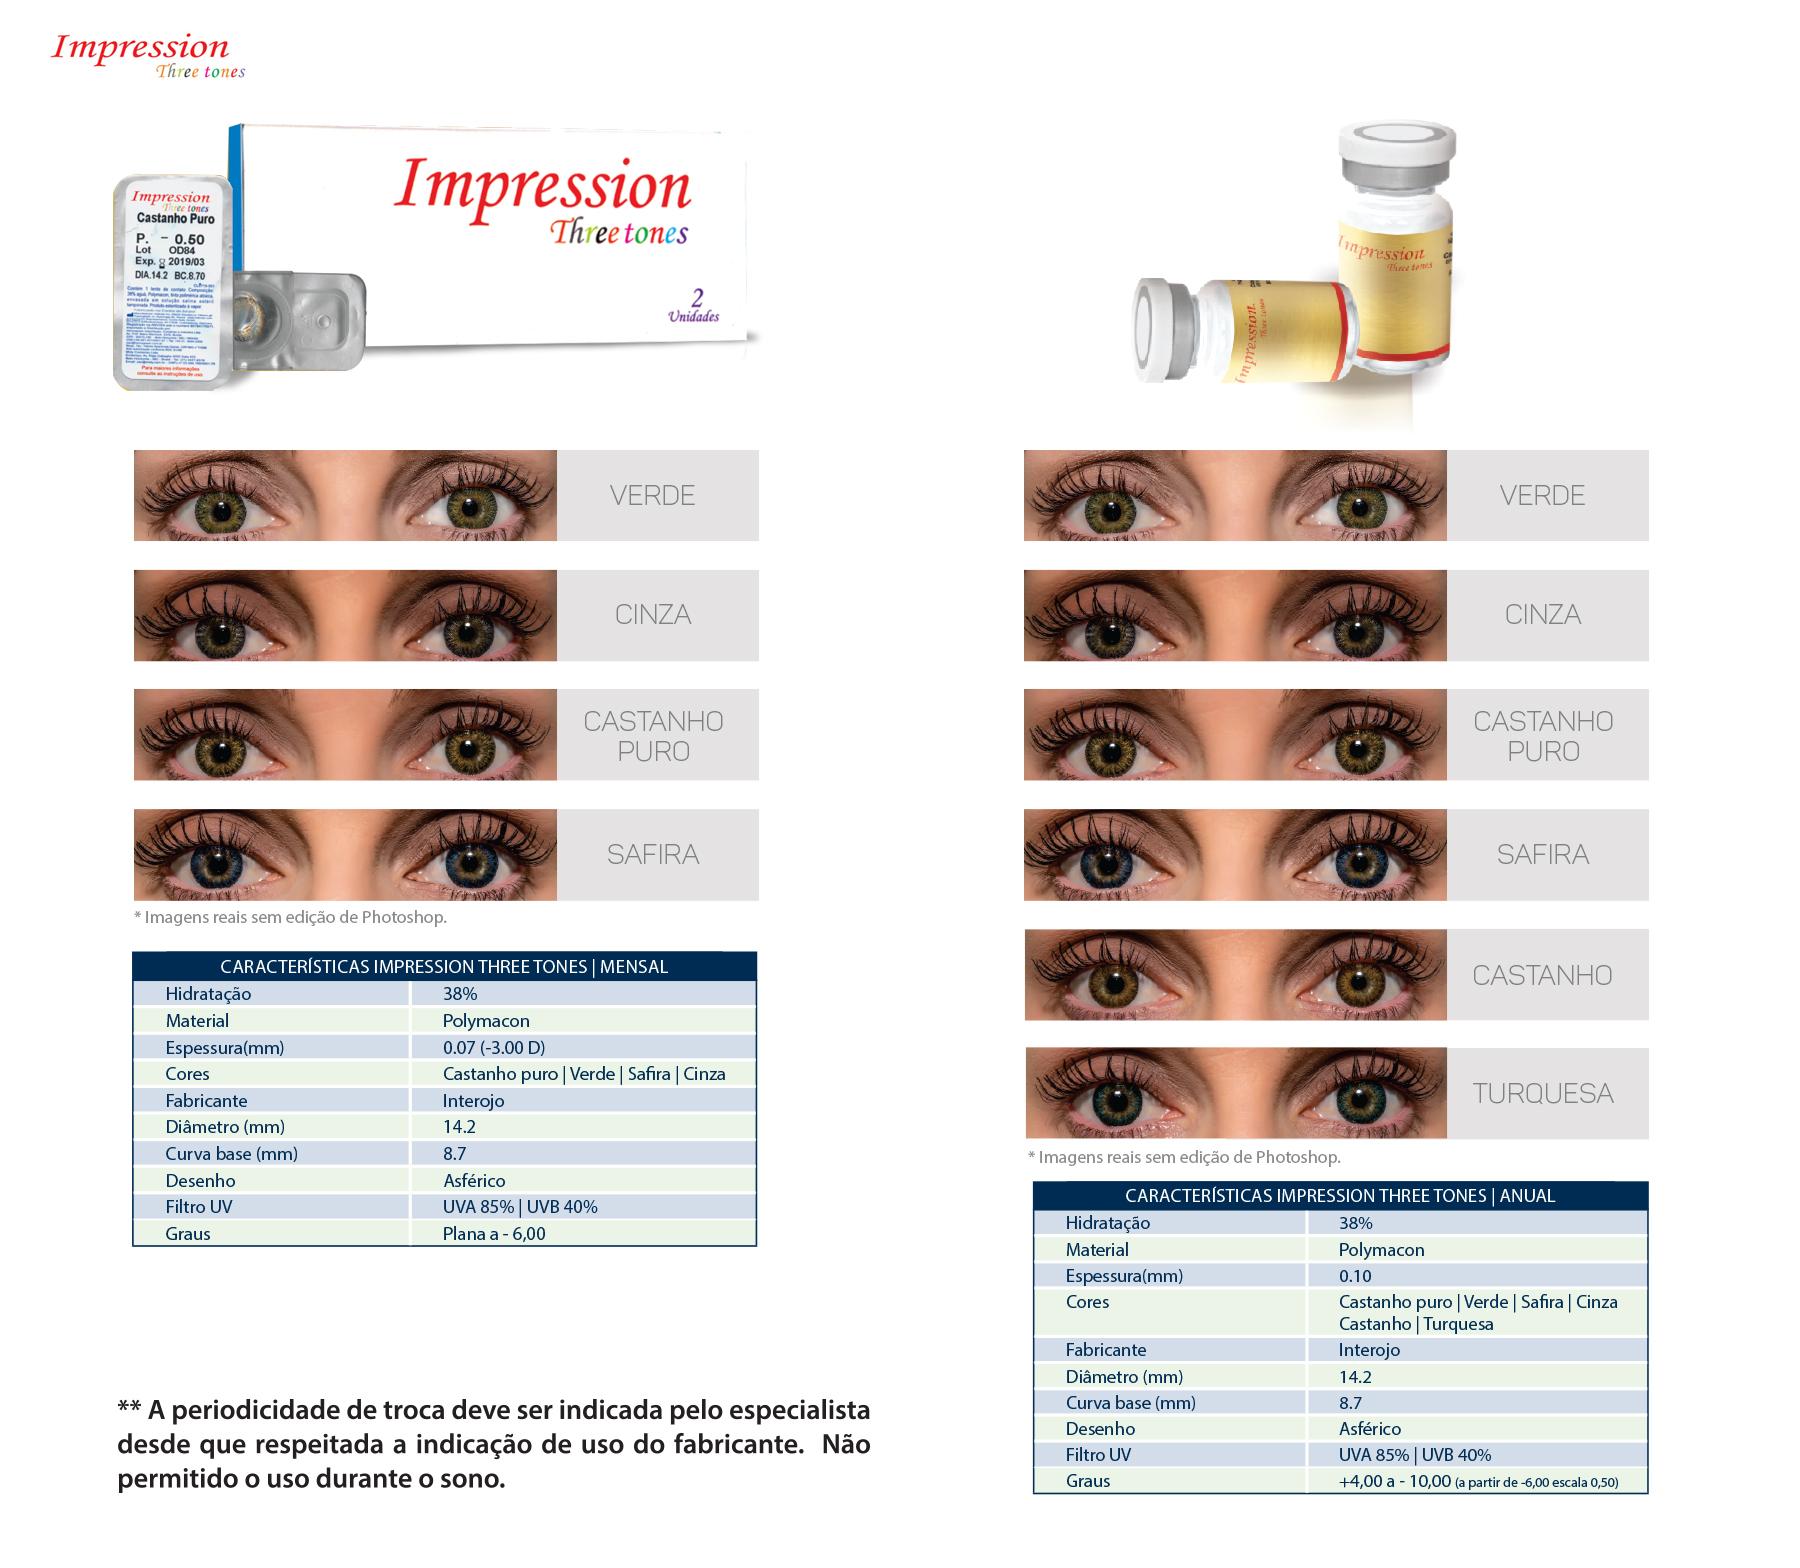 28a757289 ... as lentes Impression Three Tones são produzidas com bordas mais finas e  arredondadas, com pigmentação de tinta polimérica atóxica (material não  nocivo) ...